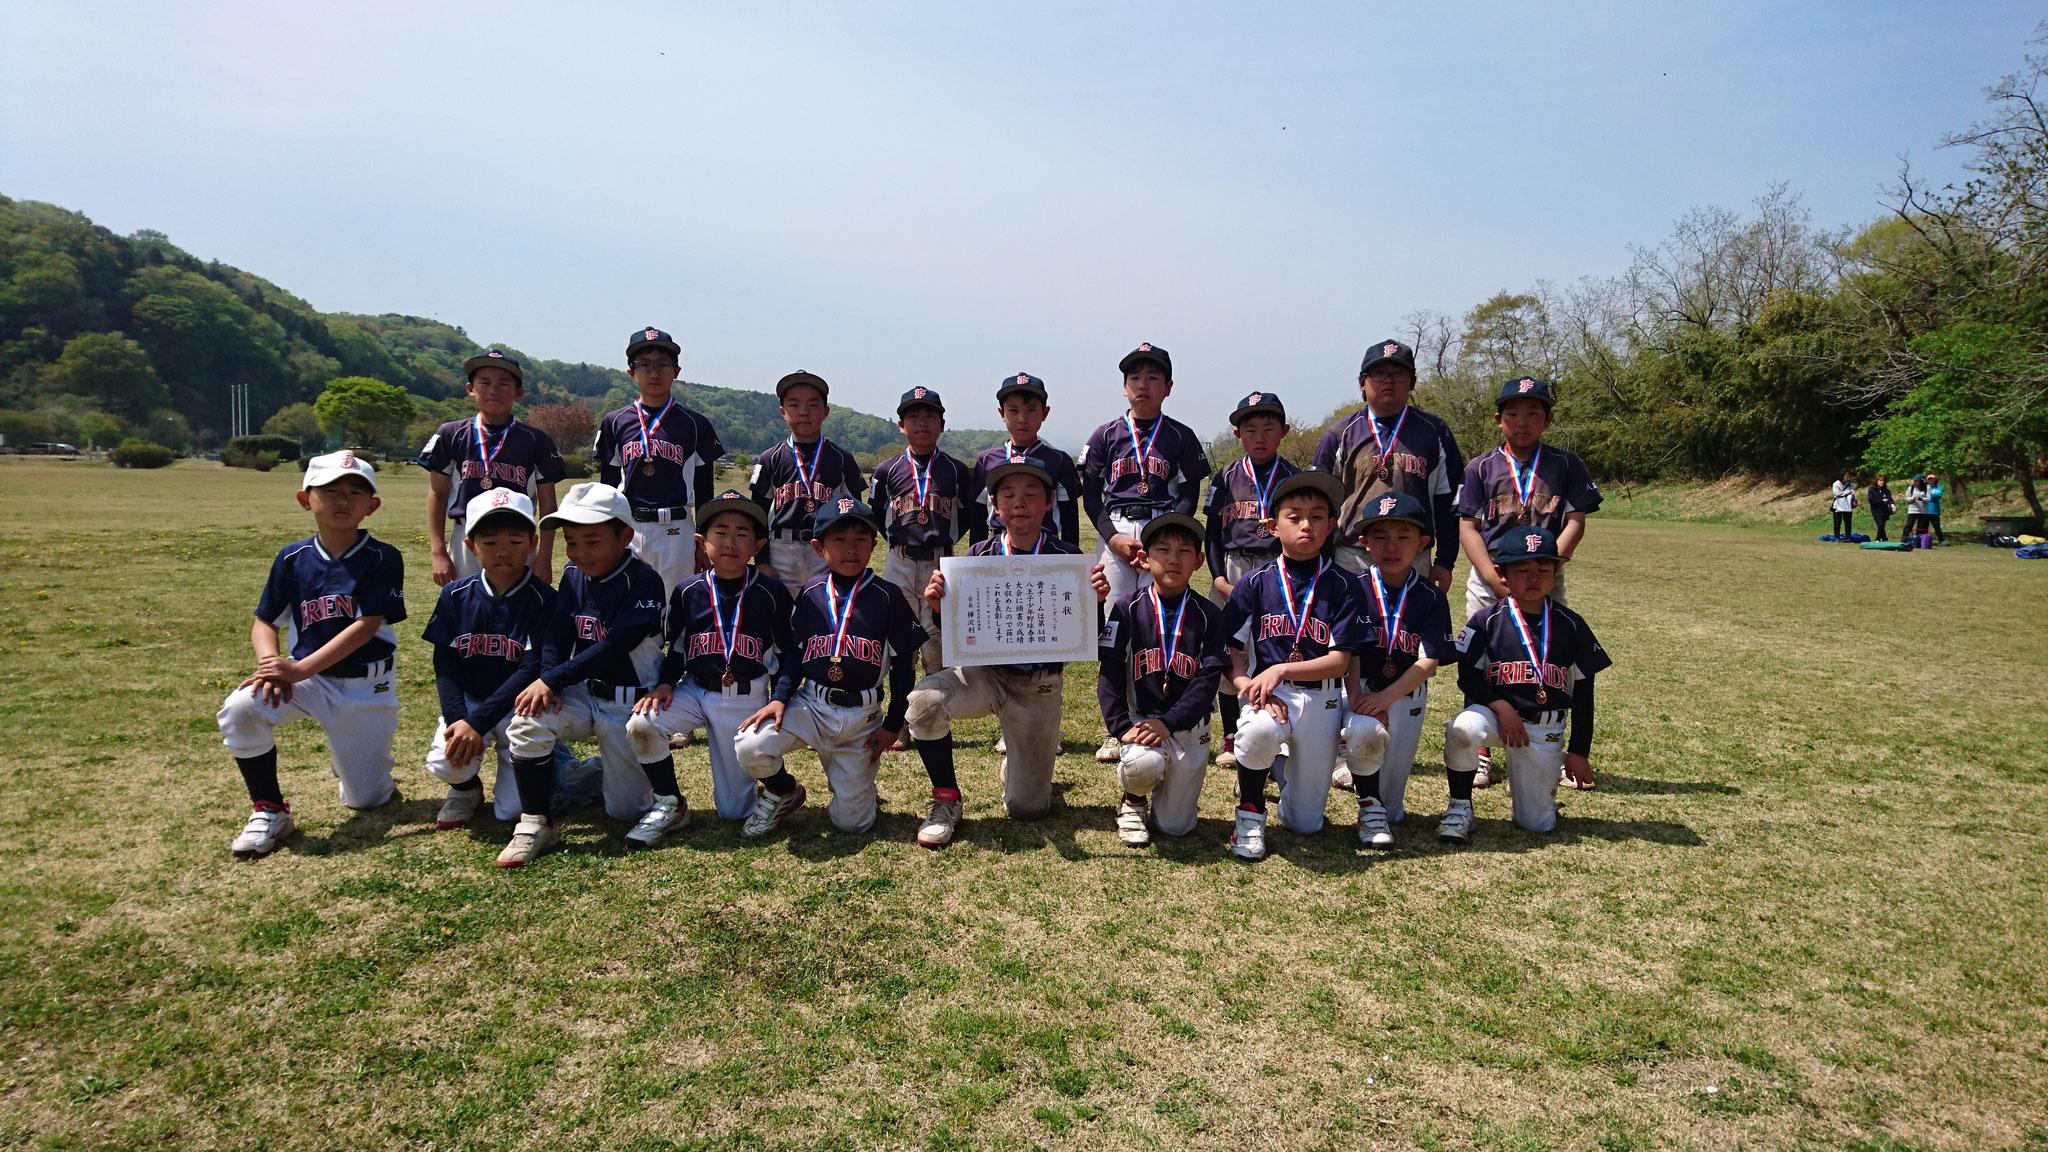 第44回 八王子市少年軟式野球春季大会  第三位 フレンズジュニア 2019年4月20日